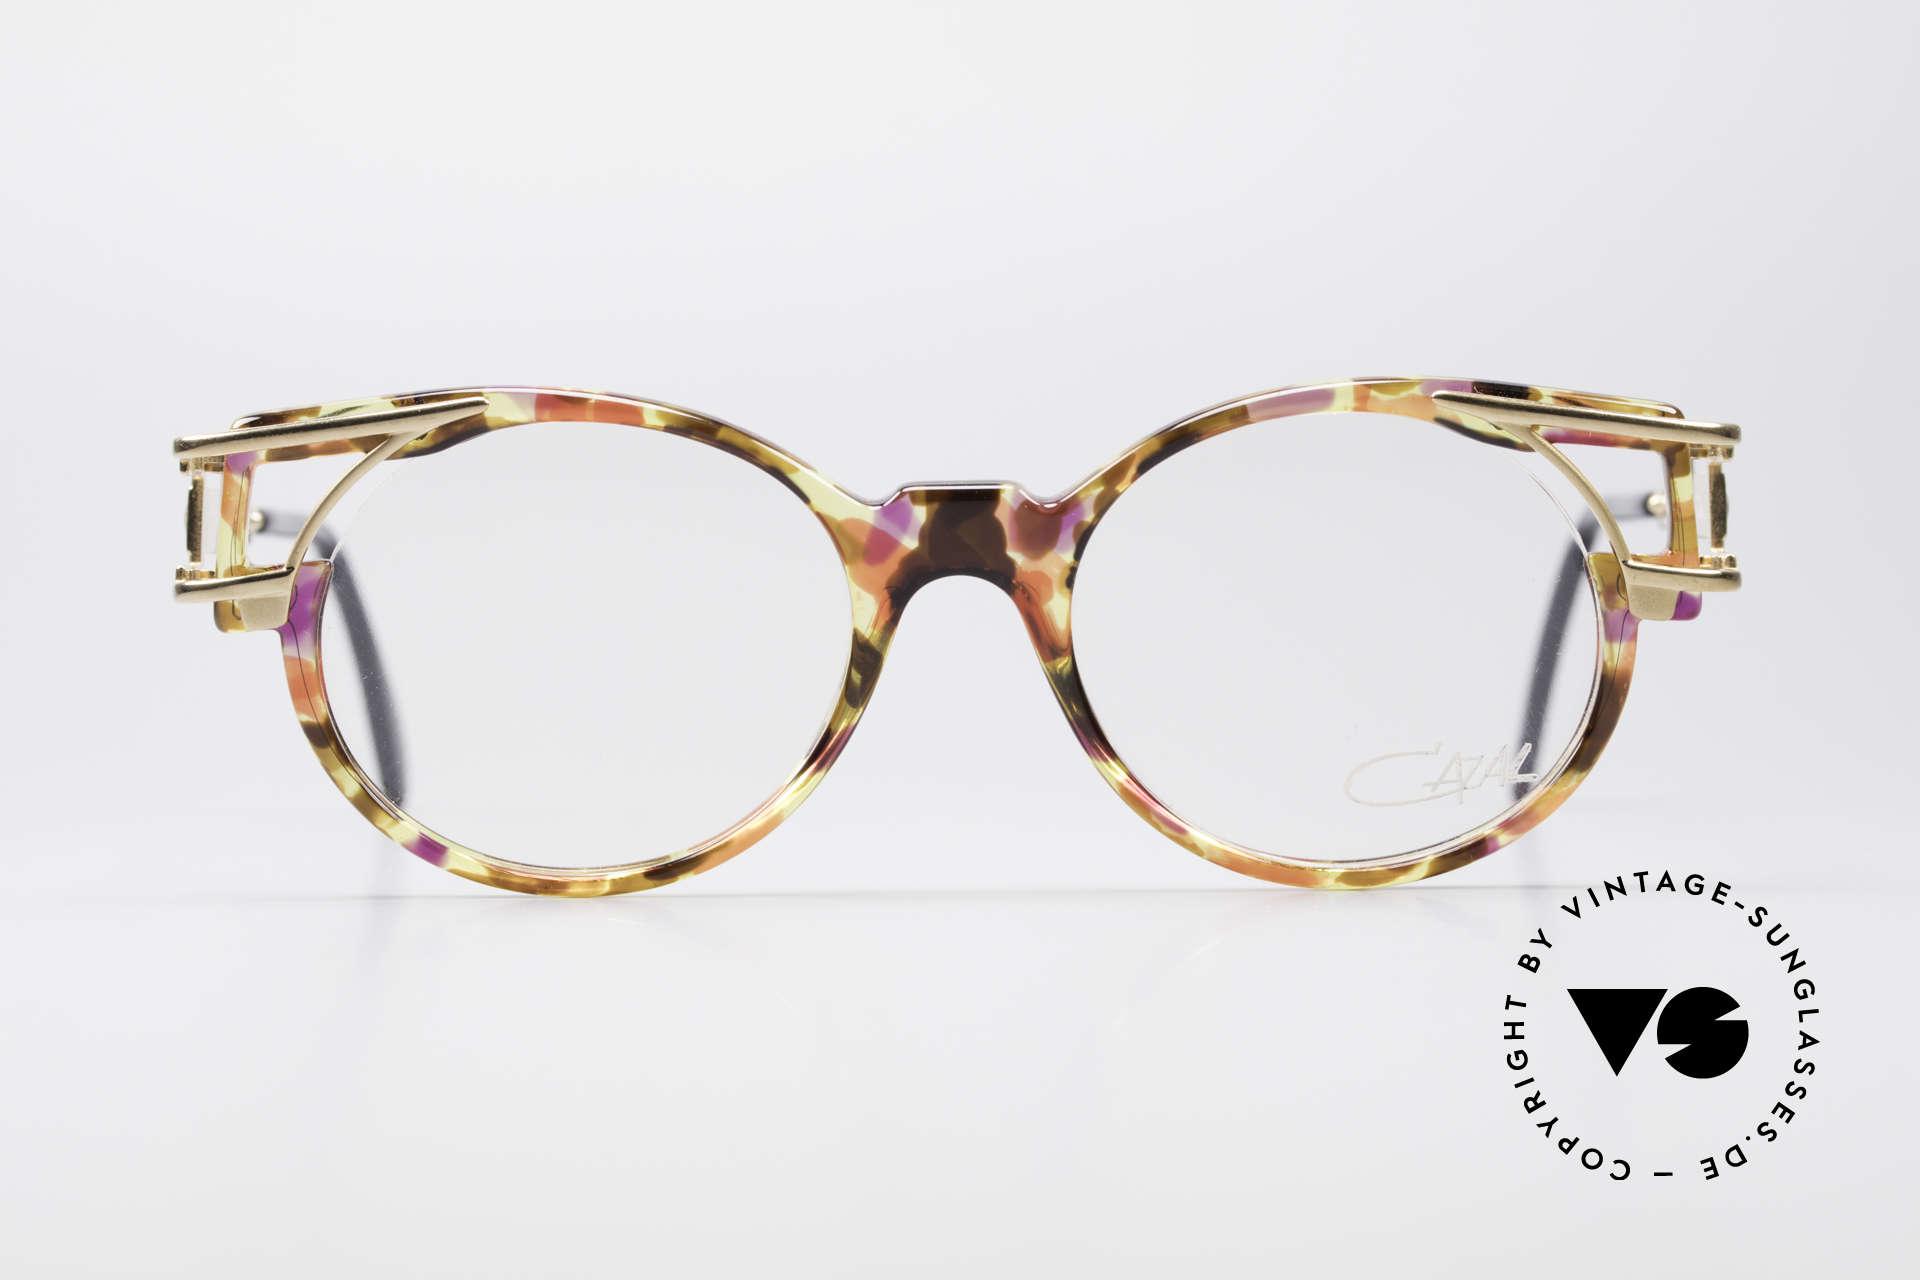 Cazal 353 90er Old School Vintage Brille, damals schon als Hip-Hop-Brille schlechthin bekannt, Passend für Herren und Damen